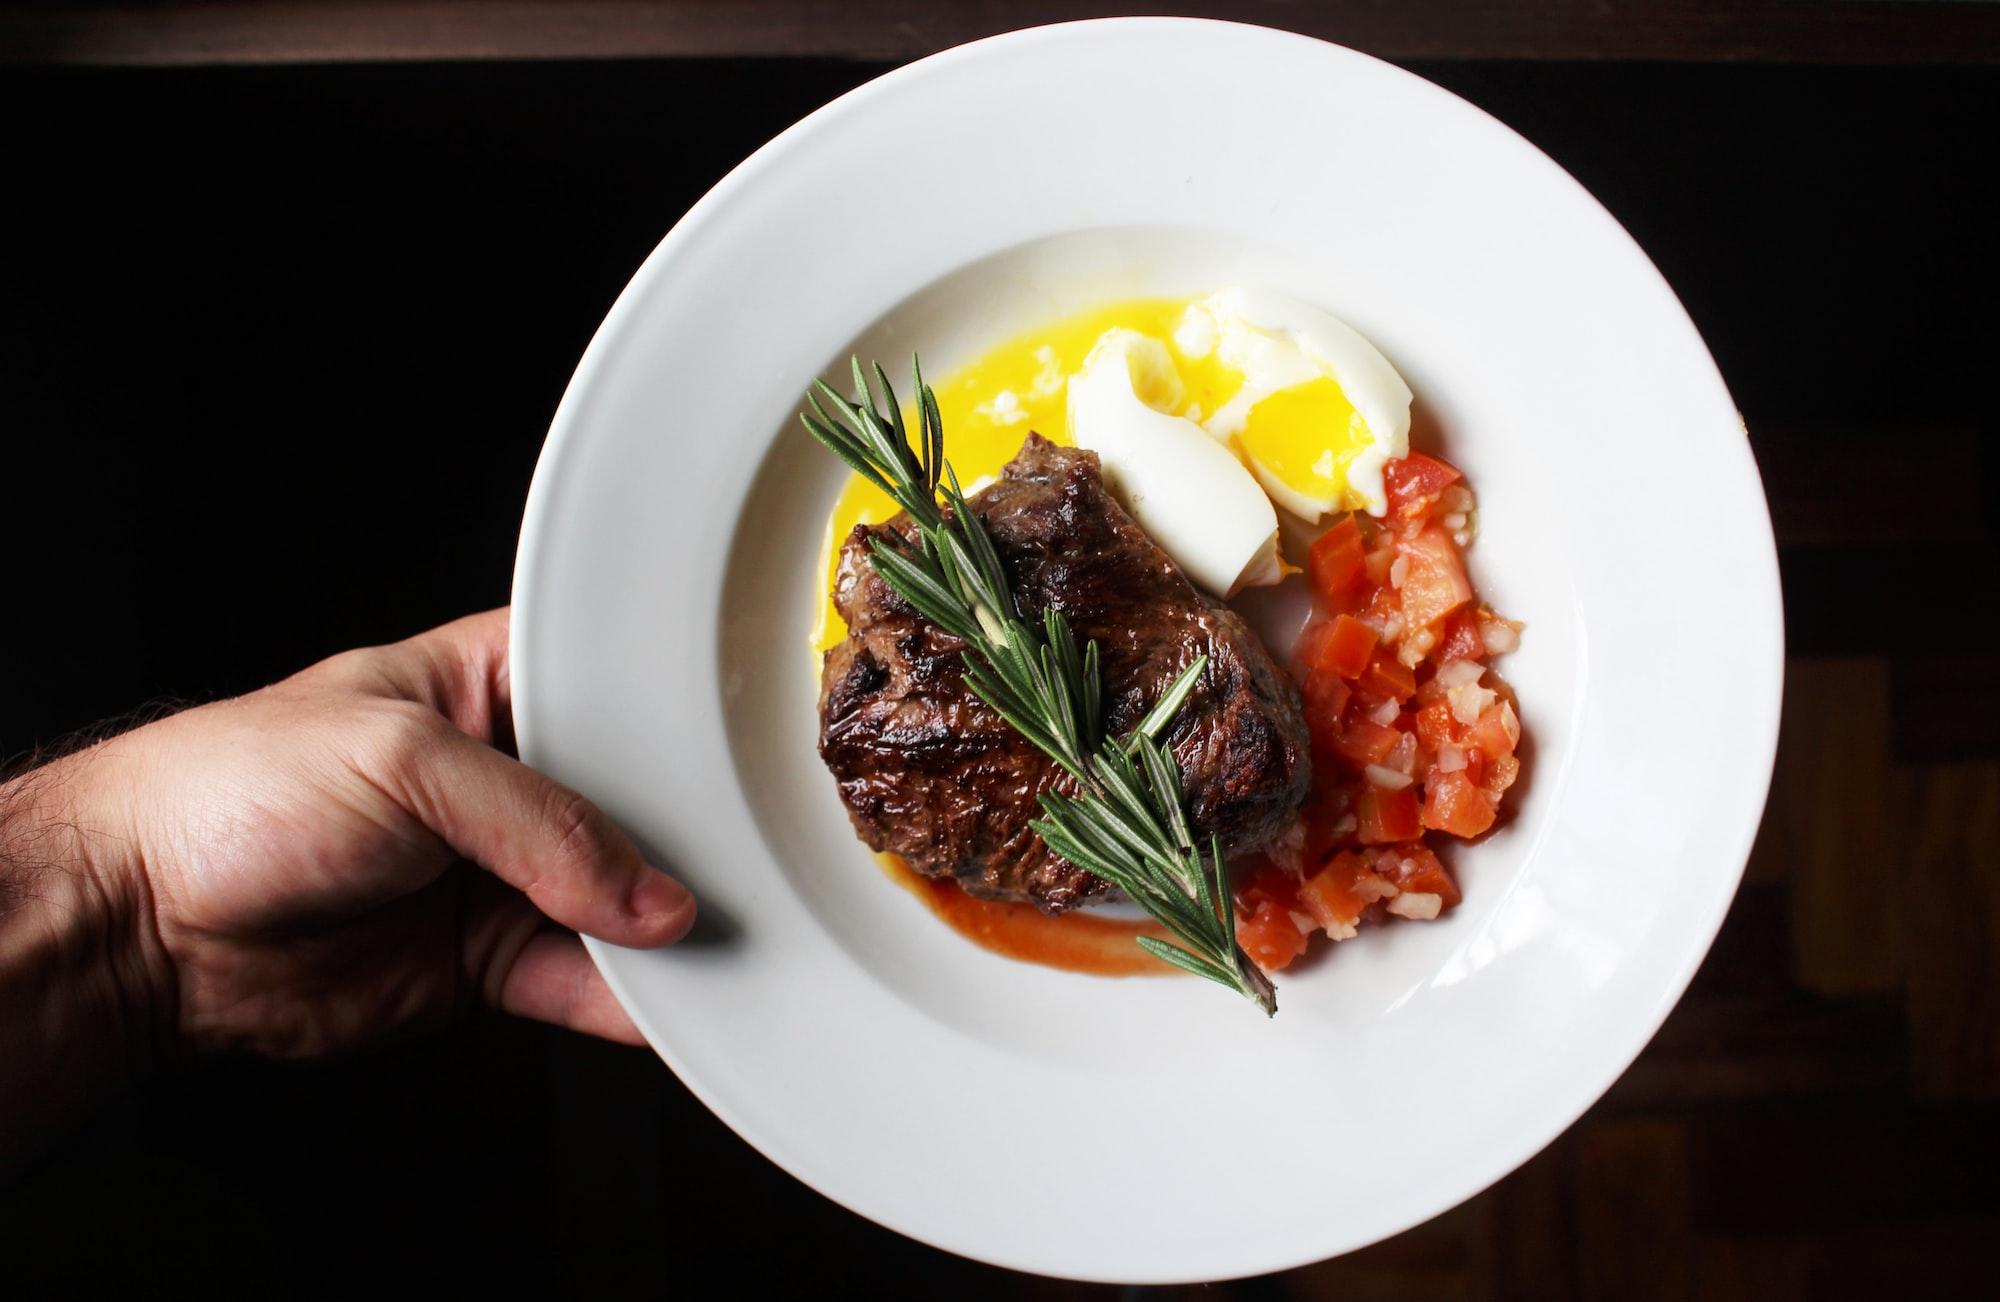 Dieta Chetogenica: Cosa Mangiare e Cosa è Meglio Evitare